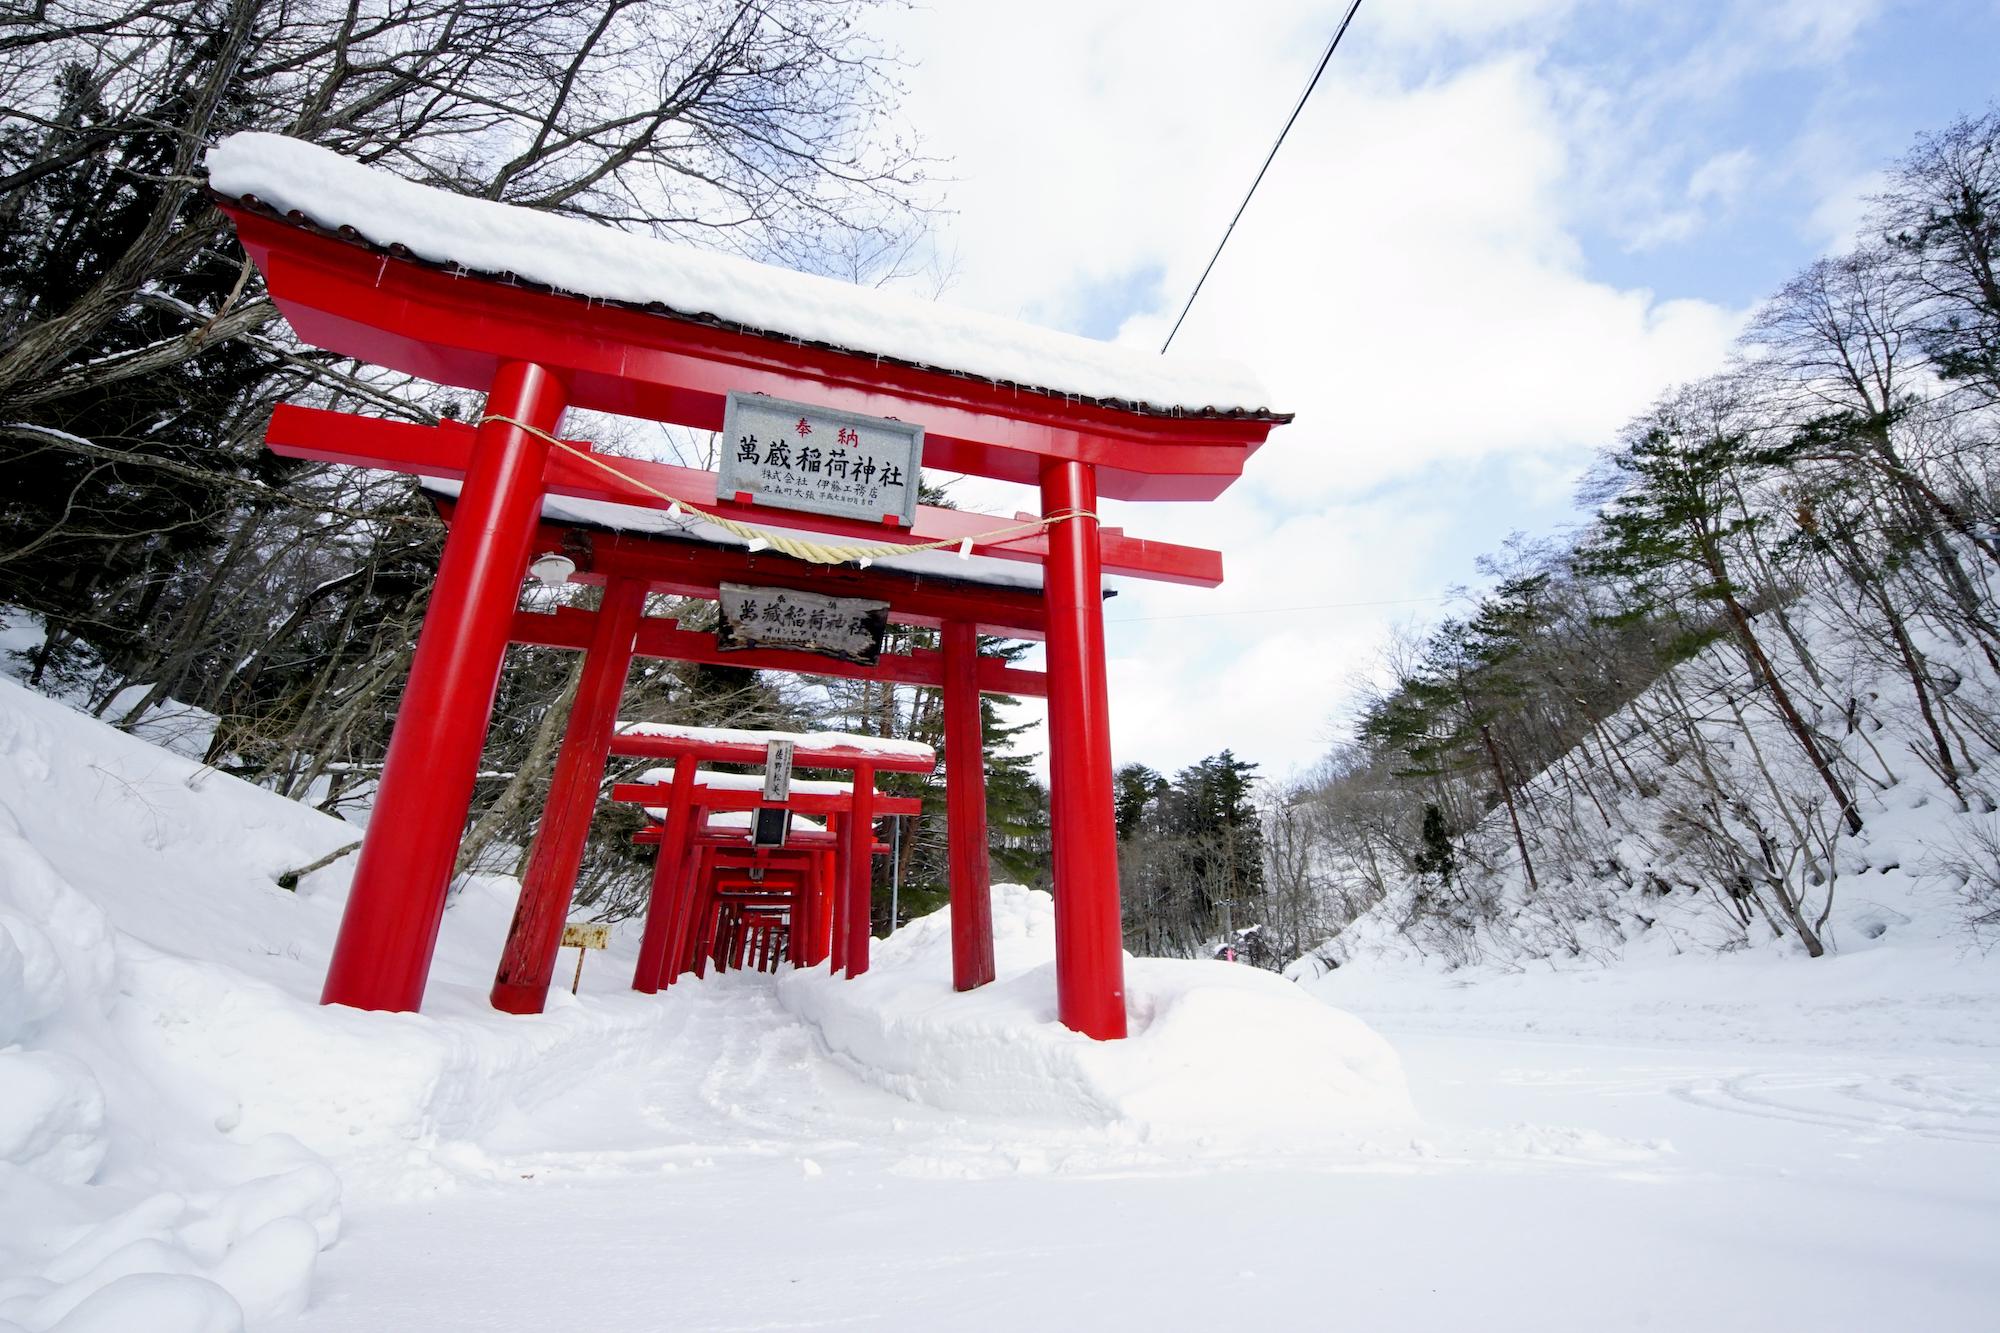 【学生ライター】フォトジェニックな赤い鳥居がそびえ立つ「萬蔵稲荷神社」